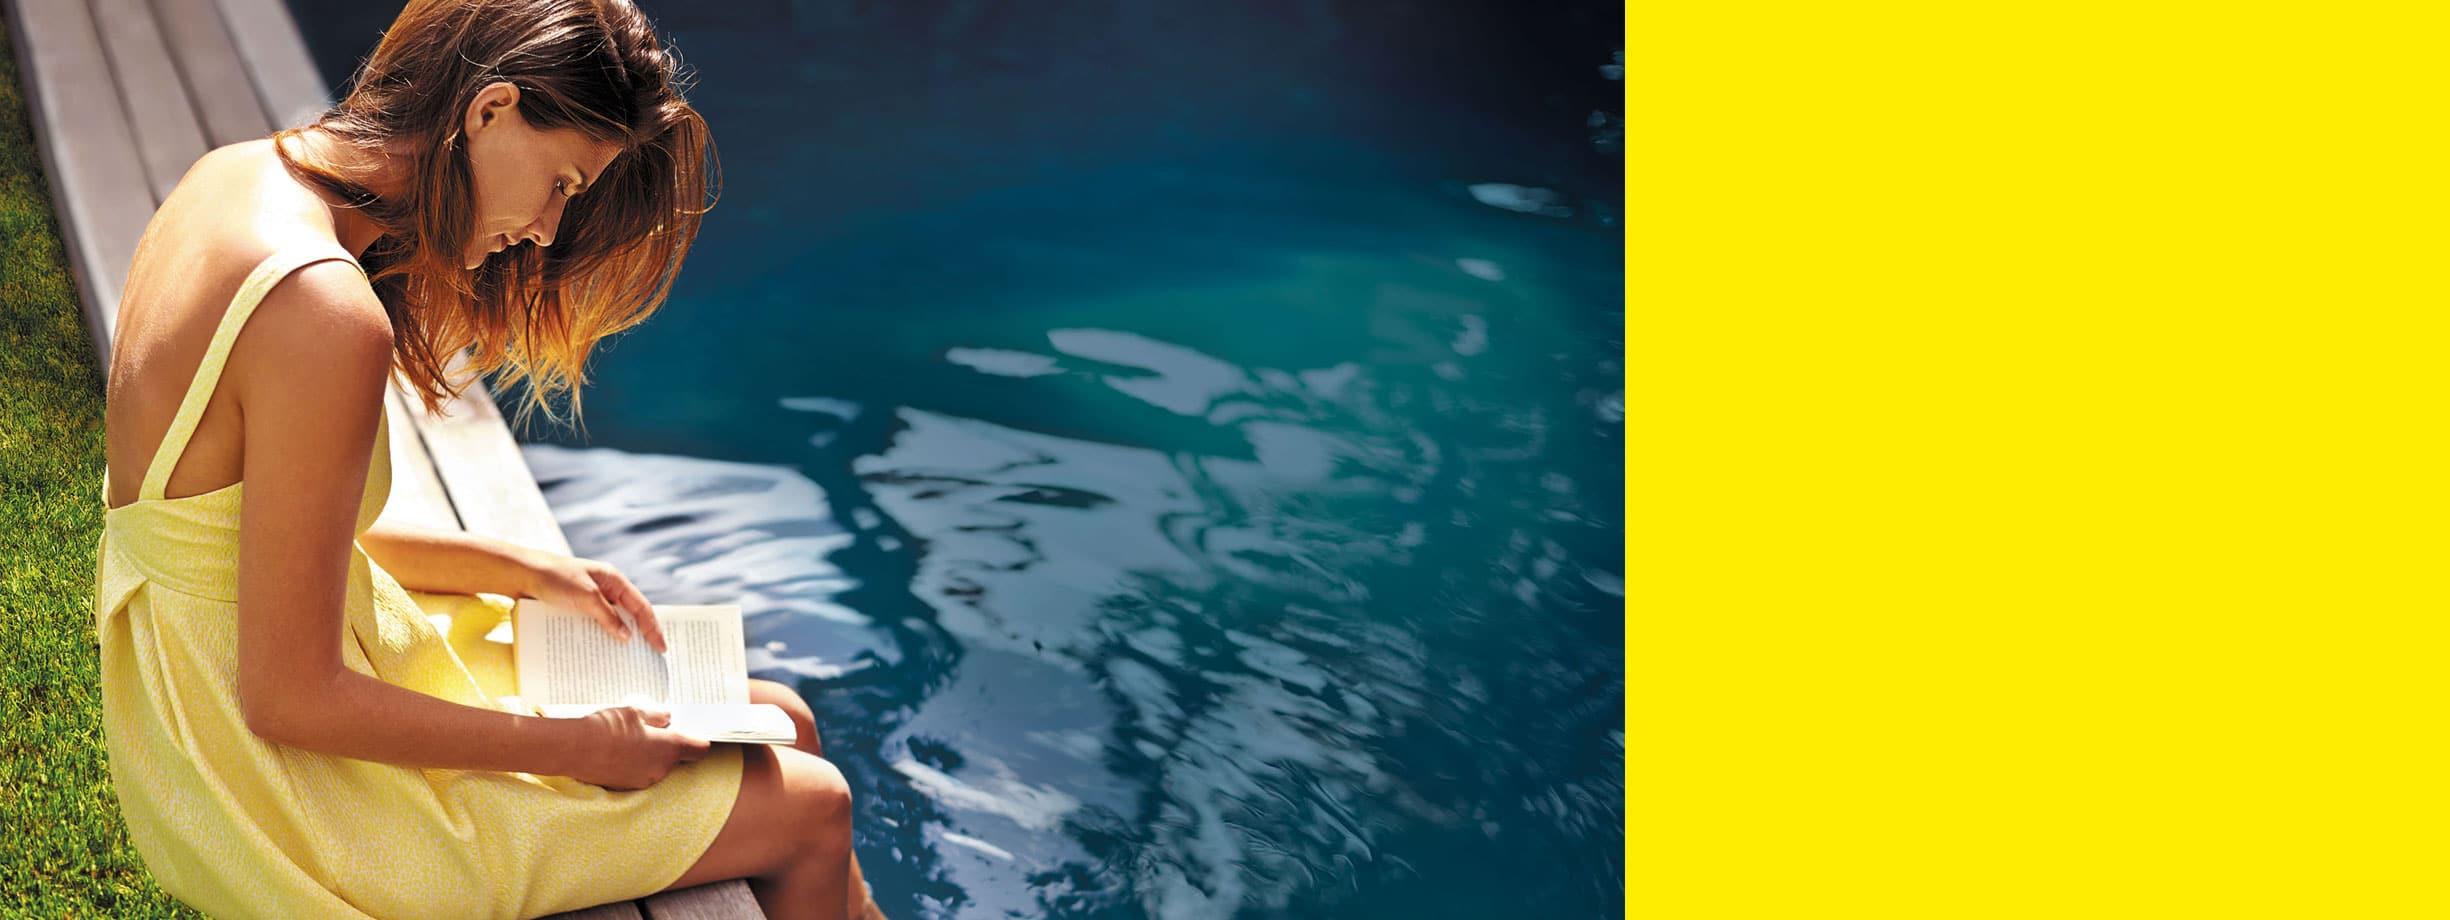 equipez-votre-bassin-bandeau-promo Rejoindre le réseau de distributeurs Génération Piscine